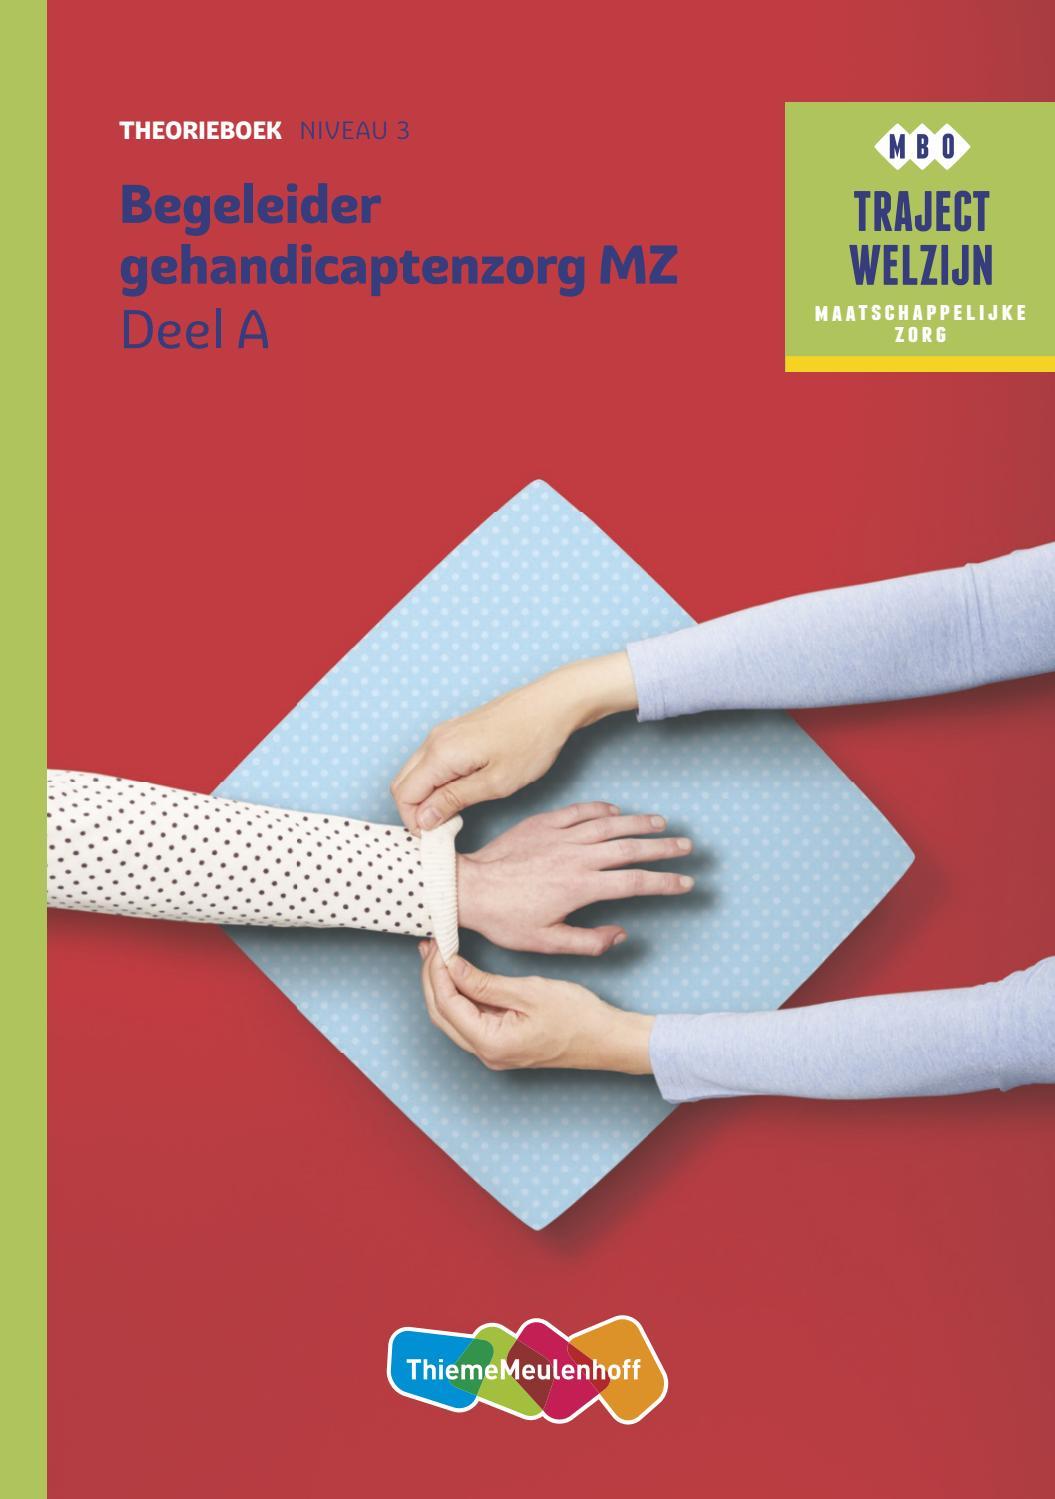 Zitzak Voor Gehandicapten.Begeleider Gehandicaptenzorg Niveau 3 Theorieboek Deel A En B By